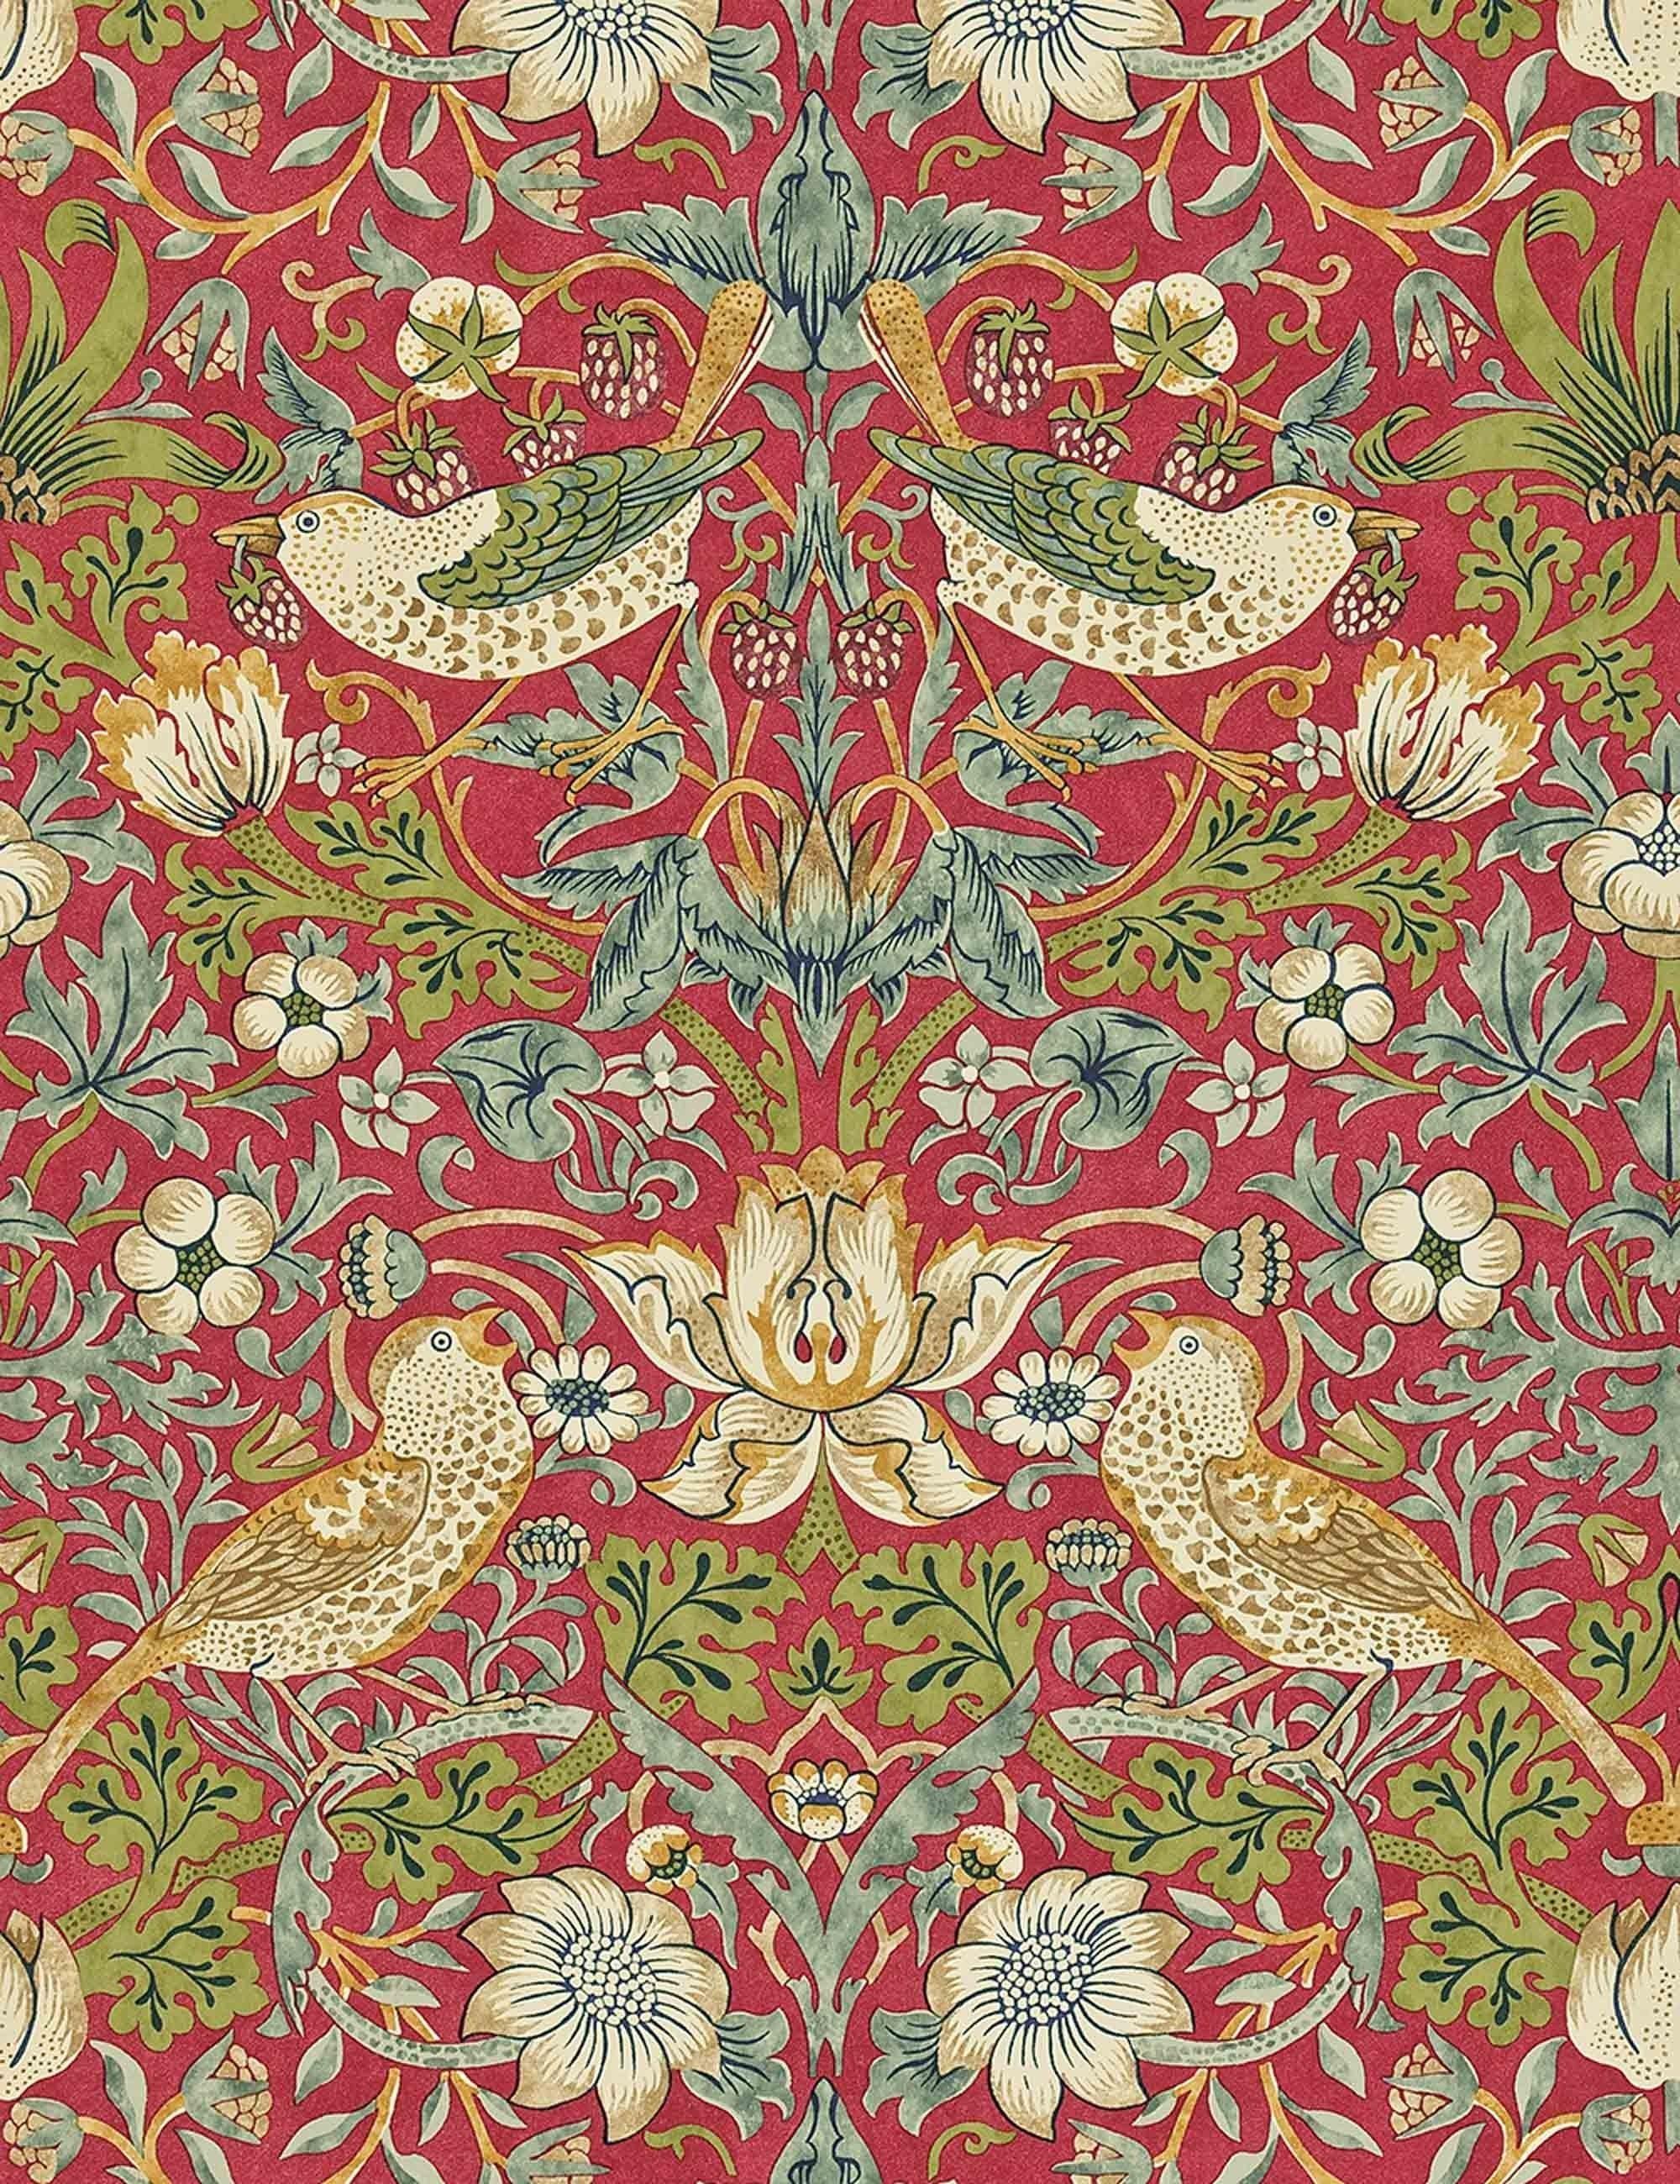 Morris & Co. Strawberry Thief Wallpaper, Crimson/Slate in